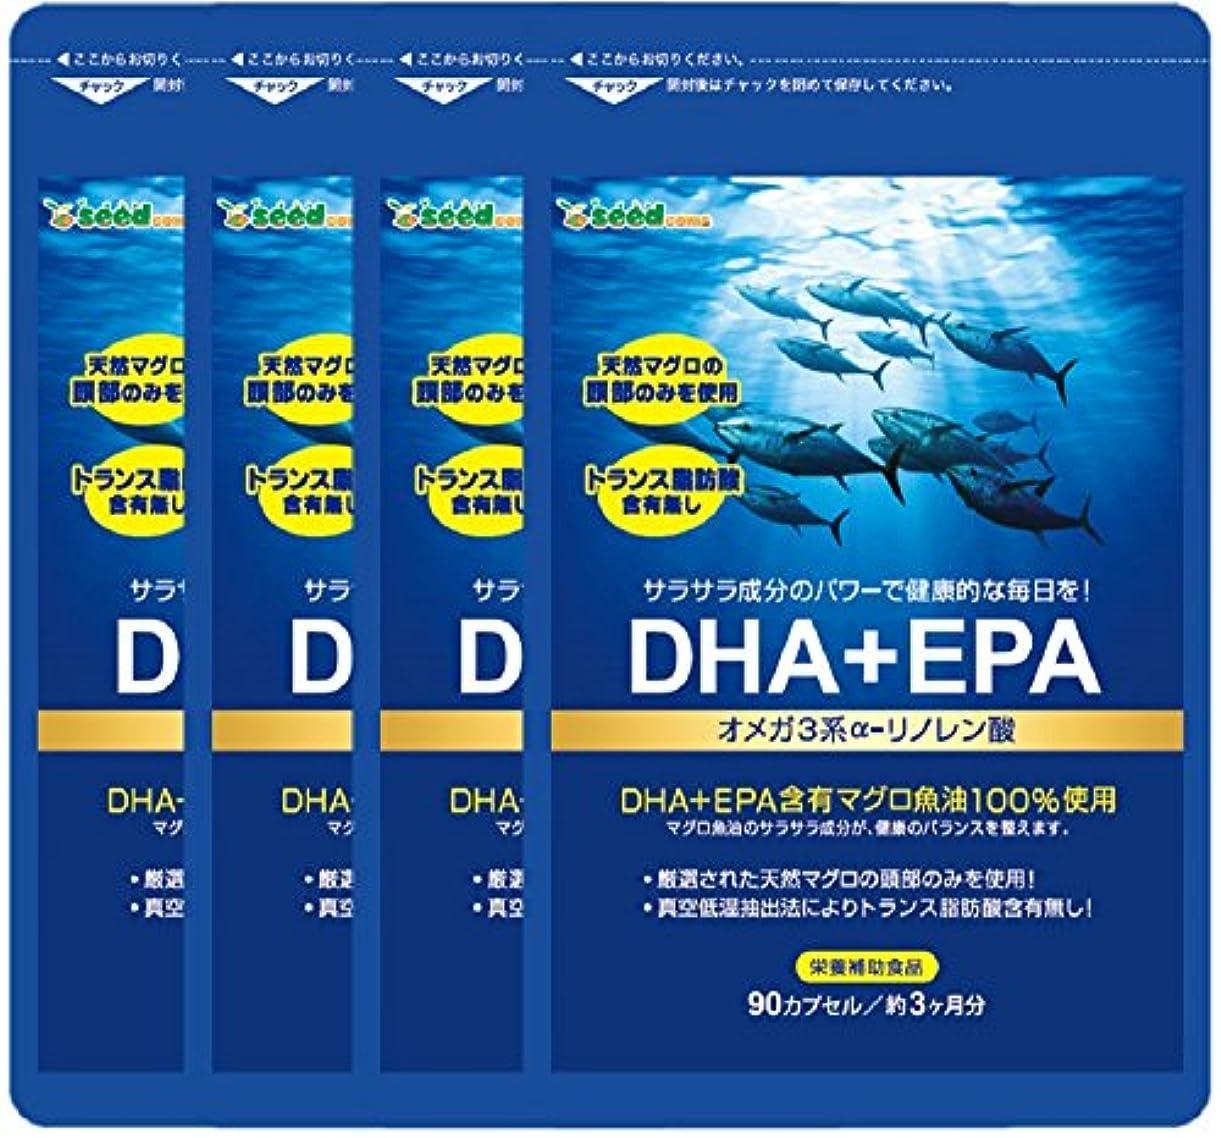 均等に著者一時的【 seedcoms シードコムス 公式 】DHA + EPA 約12ヶ月分/360粒 ビンチョウマグロの頭部のみを贅沢に使用!トランス脂肪酸0㎎